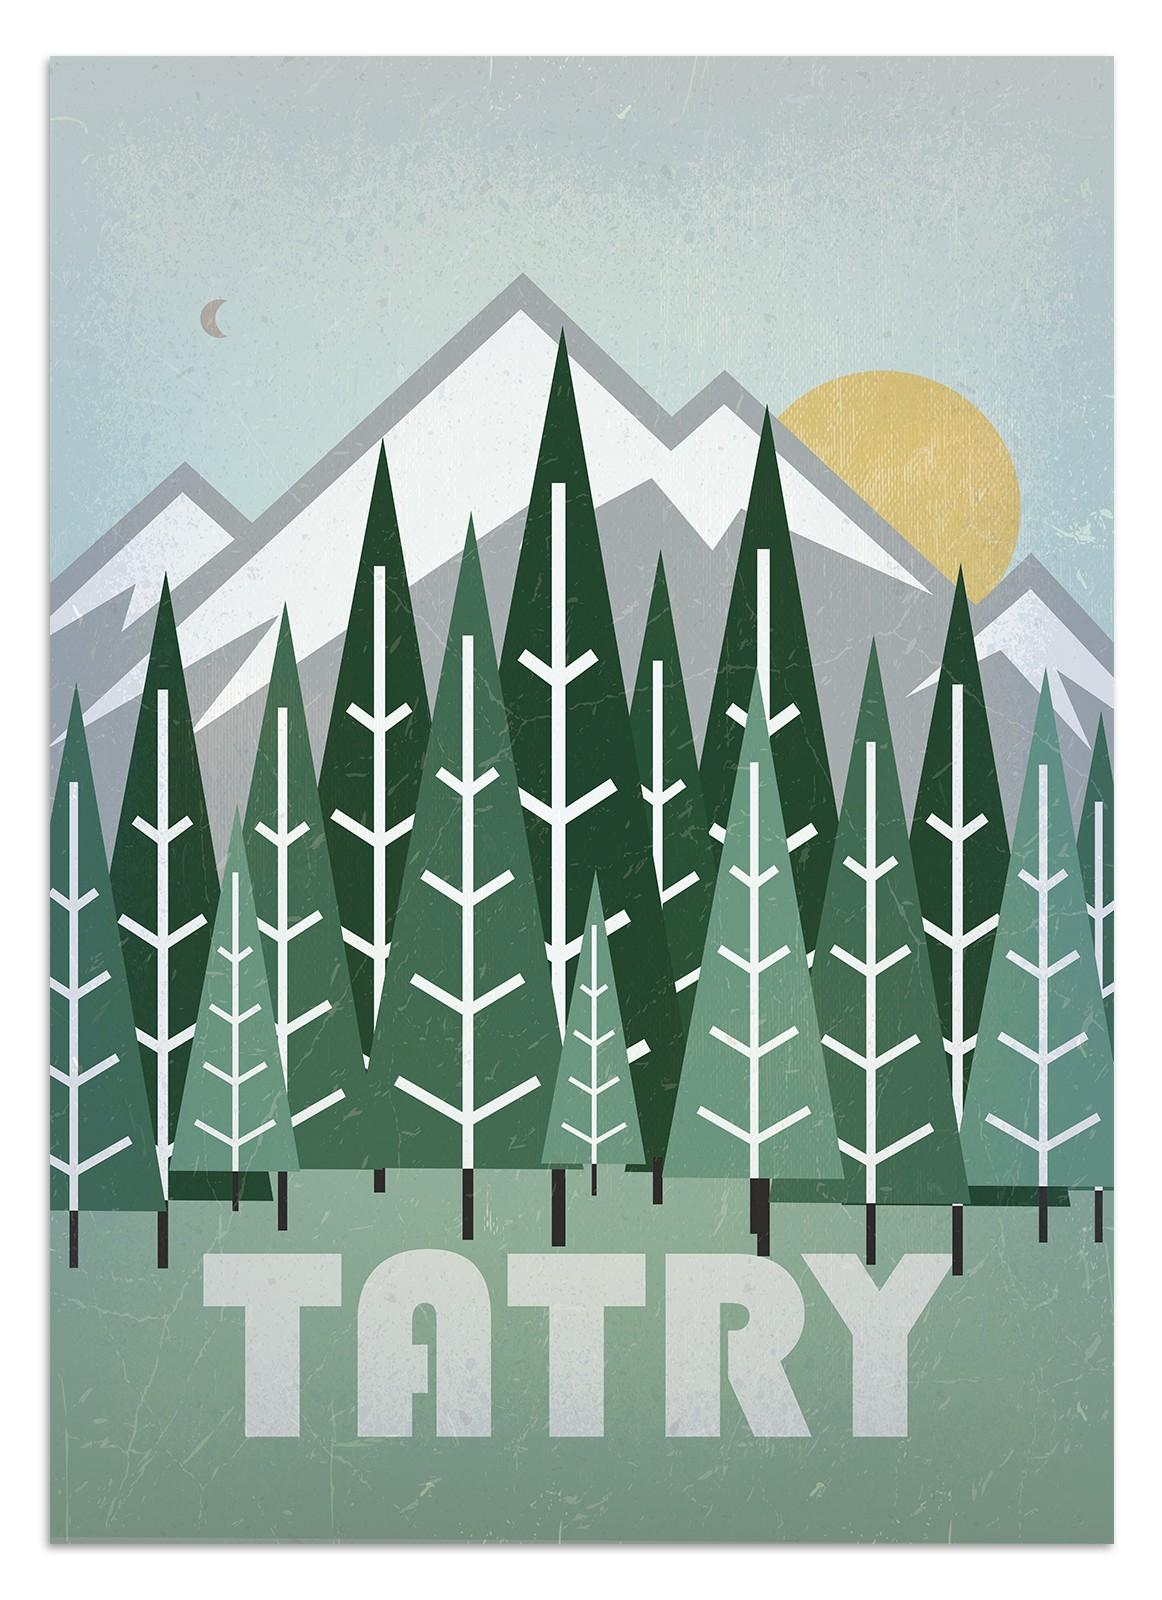 Plakat Tatry 2